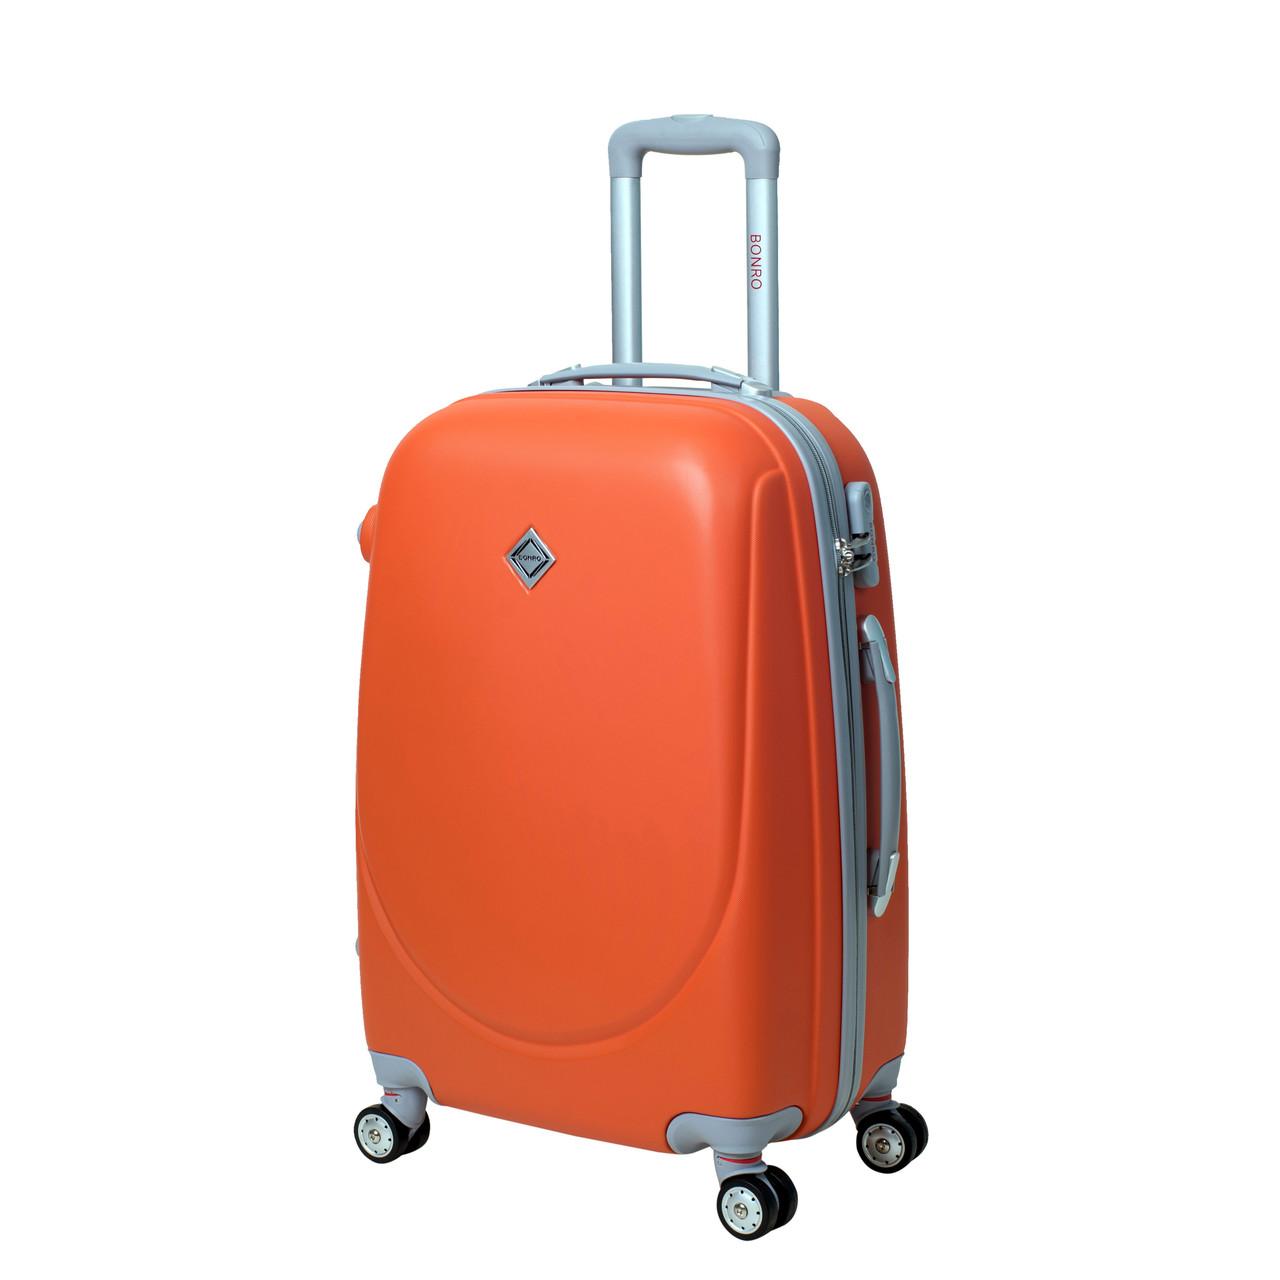 Чемодан Bonro Smile с двойными колесами (средний) оранжевый